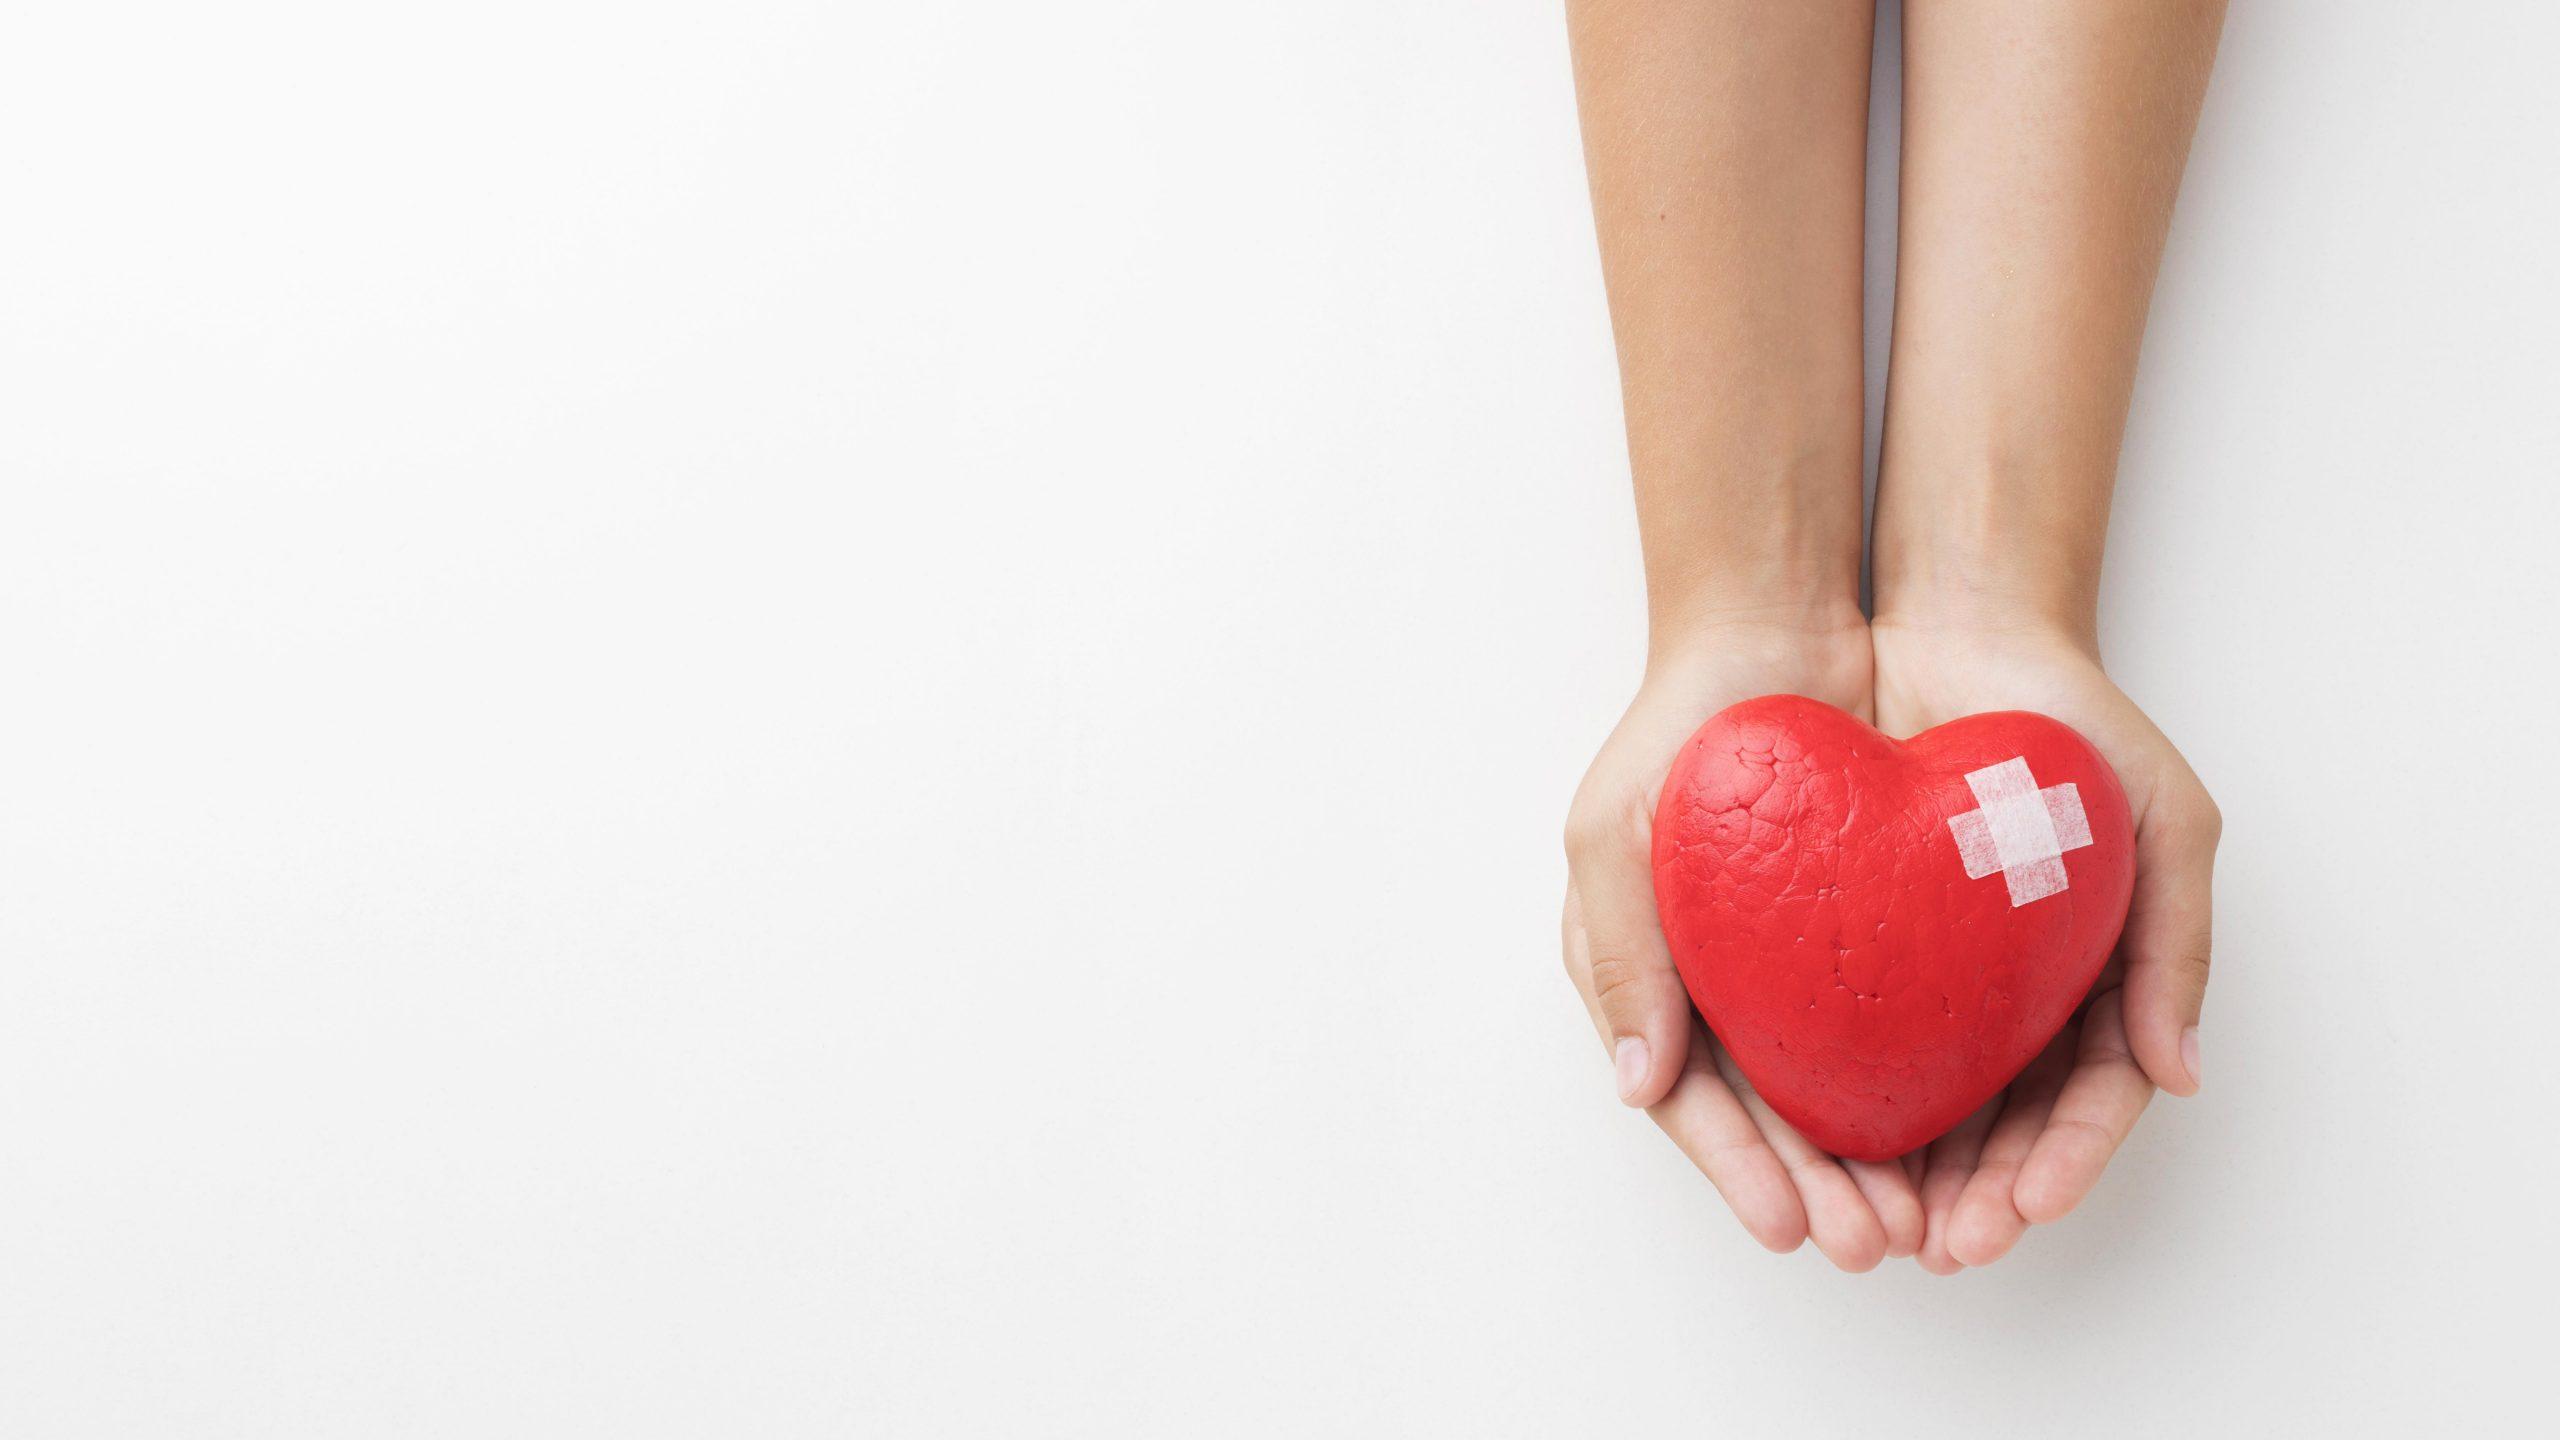 Doenças Cardiovasculares matam uma pessoa a cada 90 segundos. Saiba como identificar sintomas e se prevenir